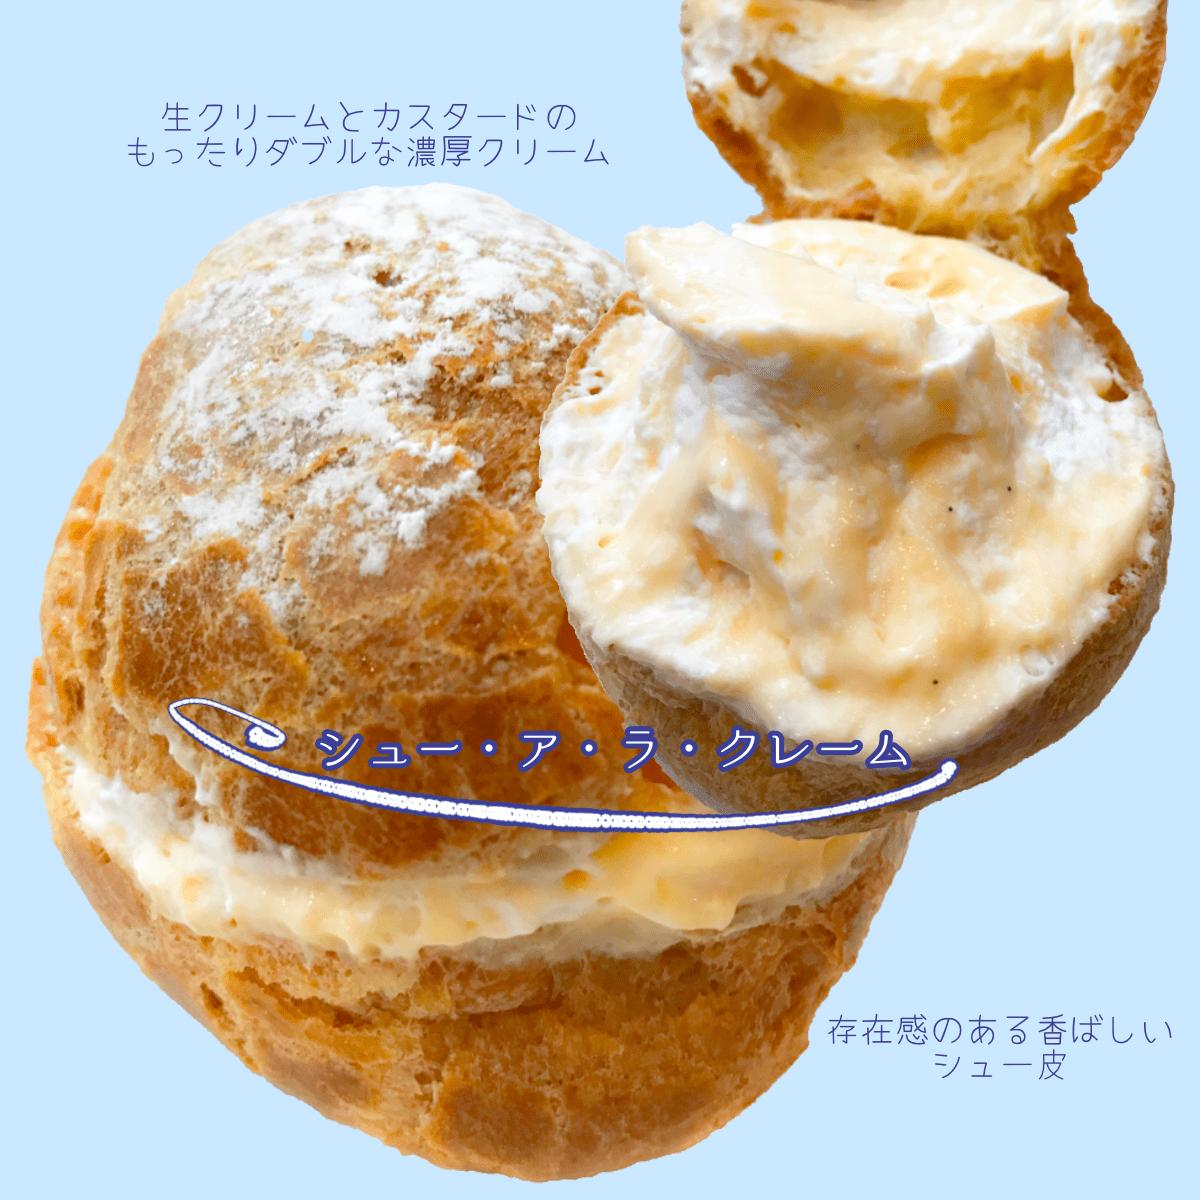 イルプルーのお菓子 シュー・ア・ラ ・クレーム